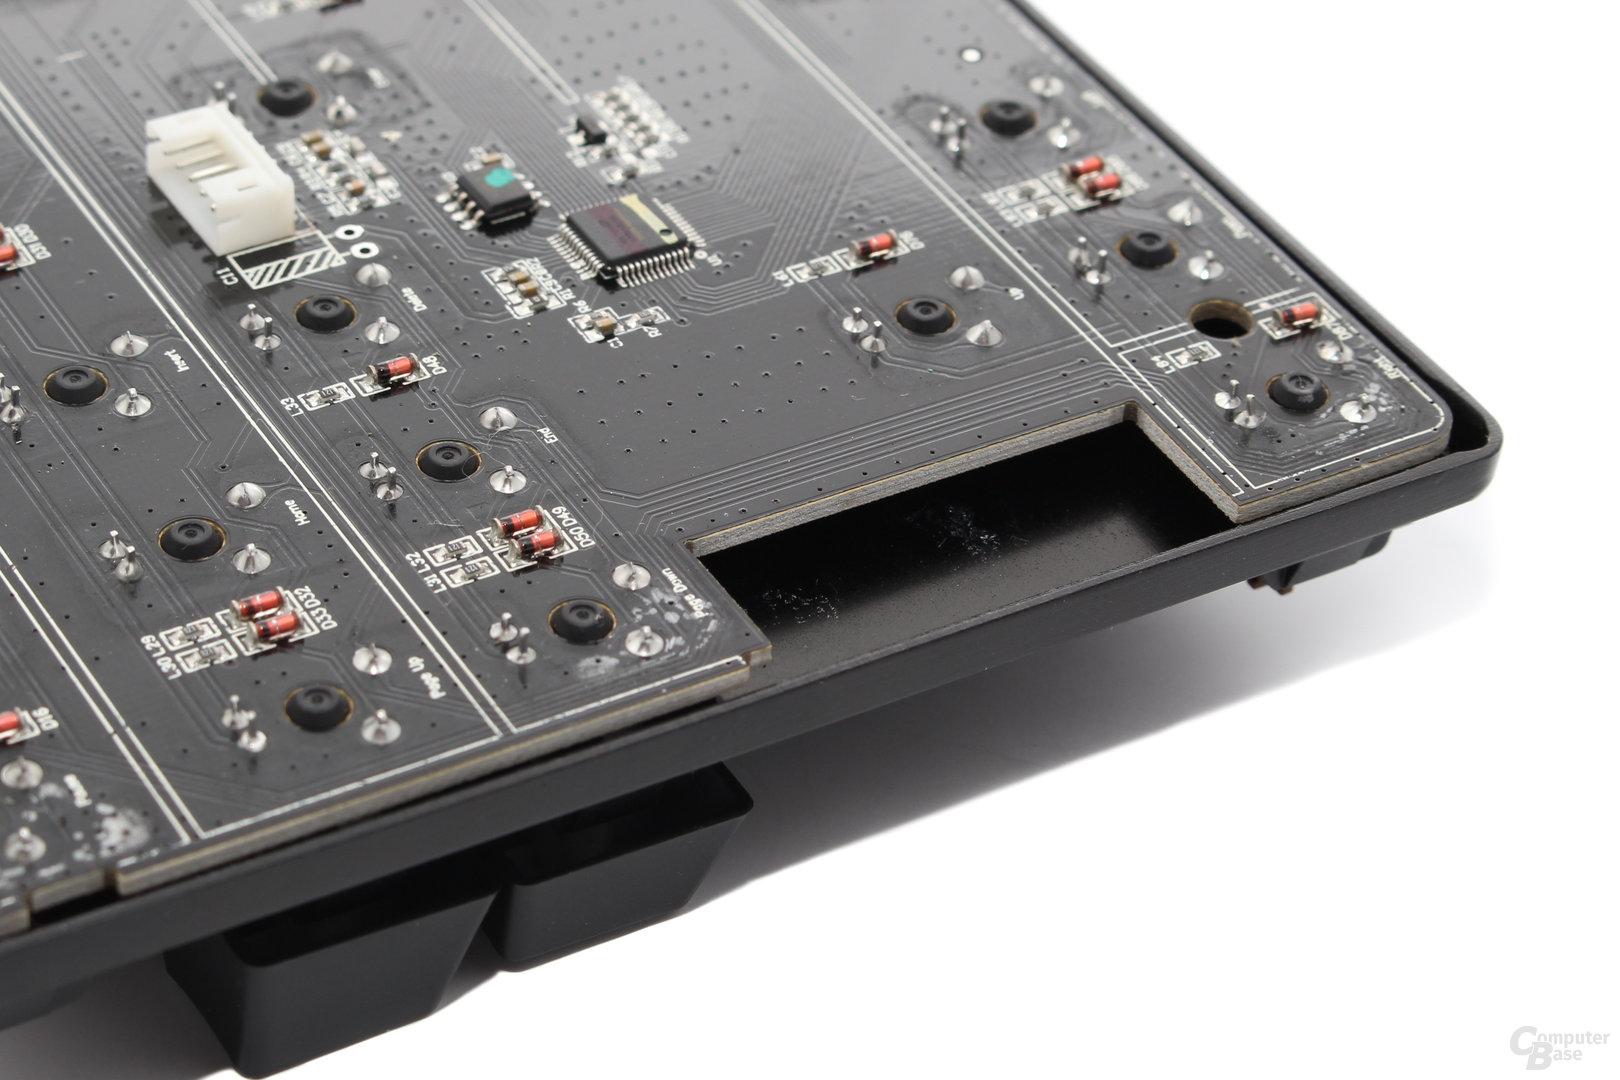 Die Taster sitzen nicht direkt auf dem PCB, sondern auf einer Aluminiumplatte